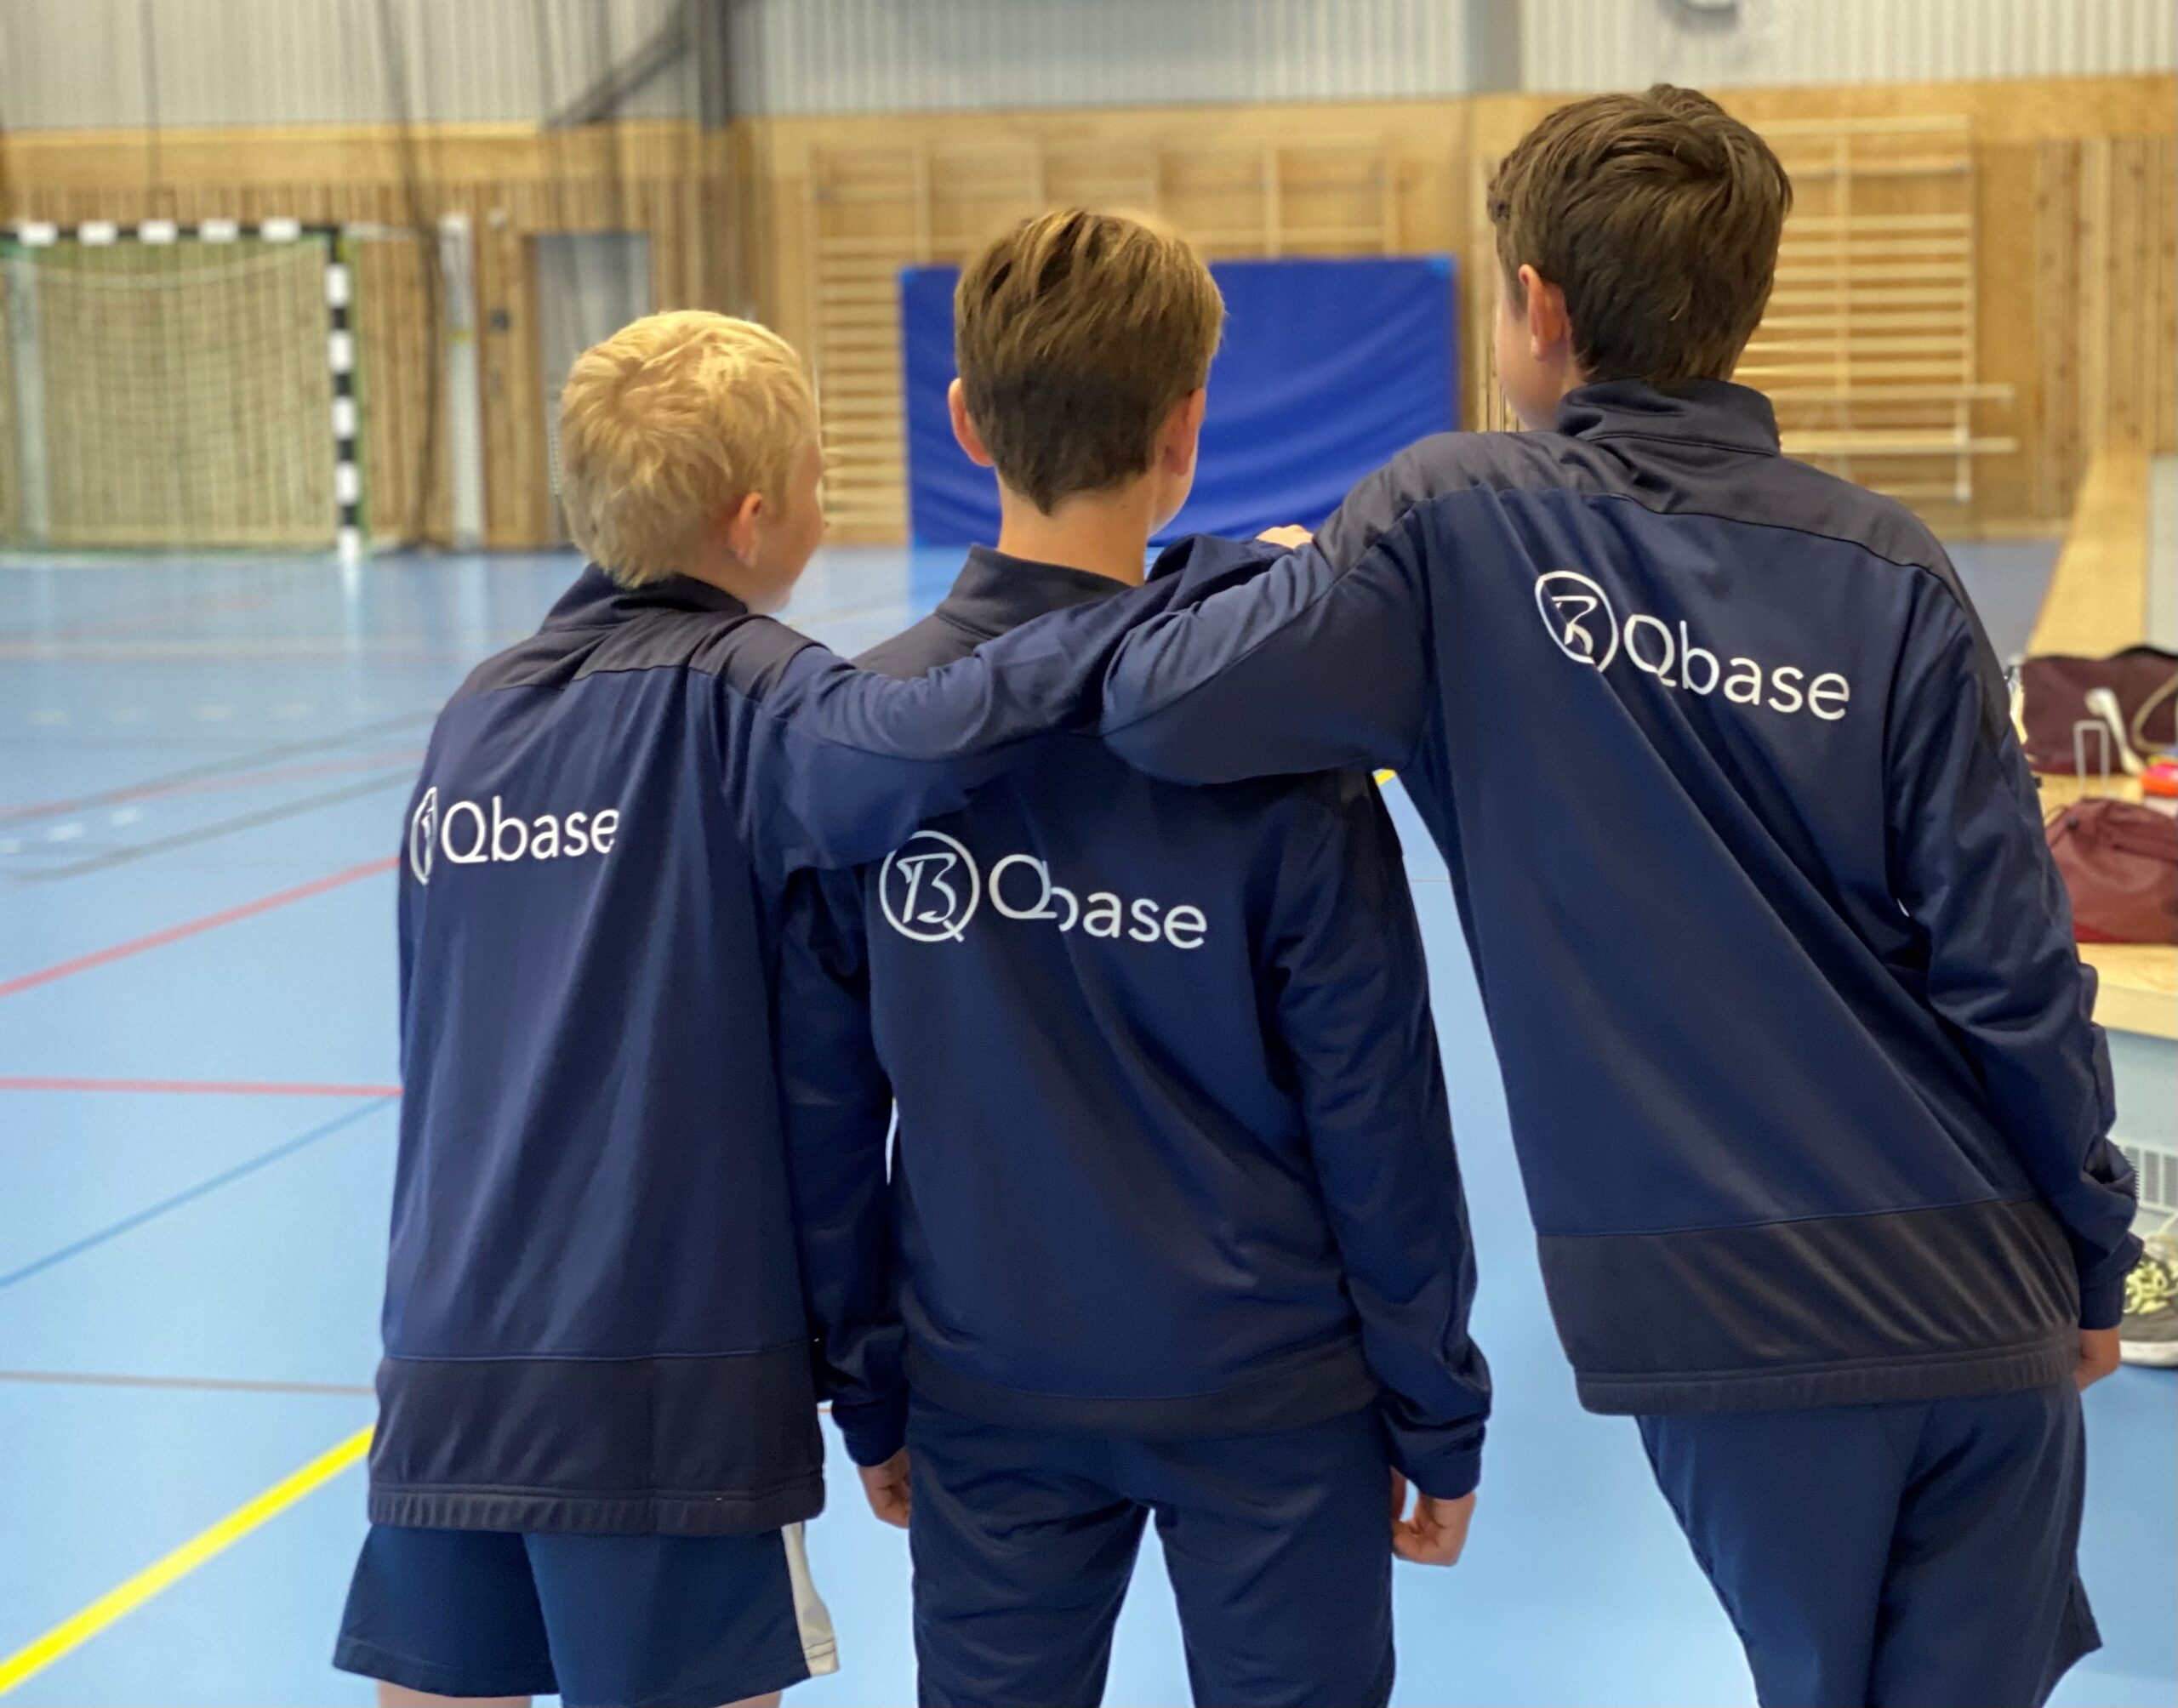 Qbase är nu stolt sponsor av Lidingös innebandylag IBF Offensiv Lidingö.